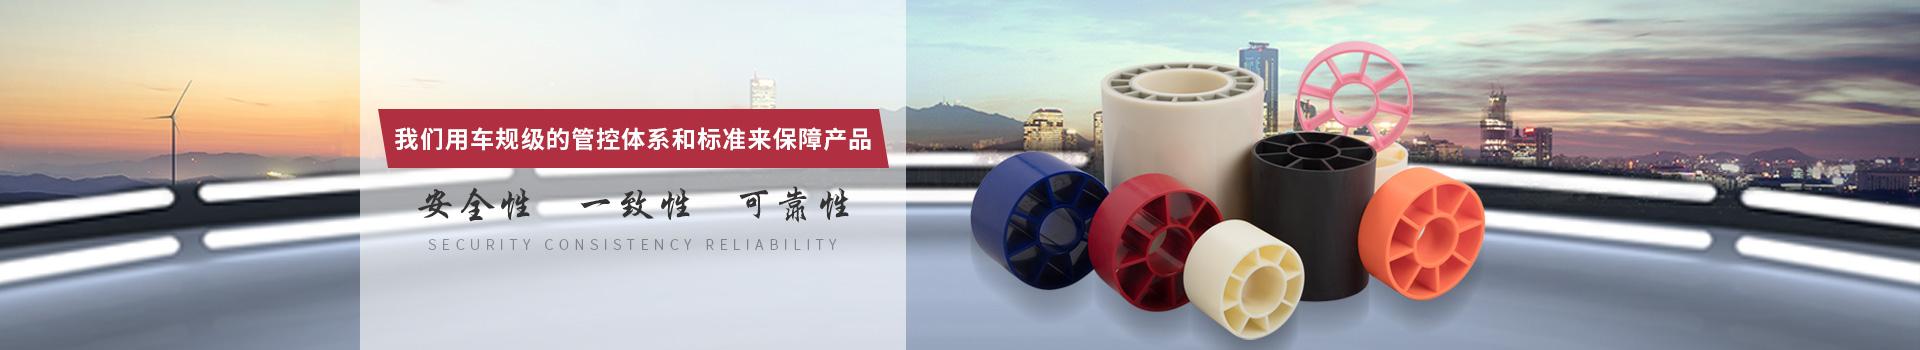 天裕塑胶我们用车规级的管控体系和标准来保障产品安全性、一致性、可靠性